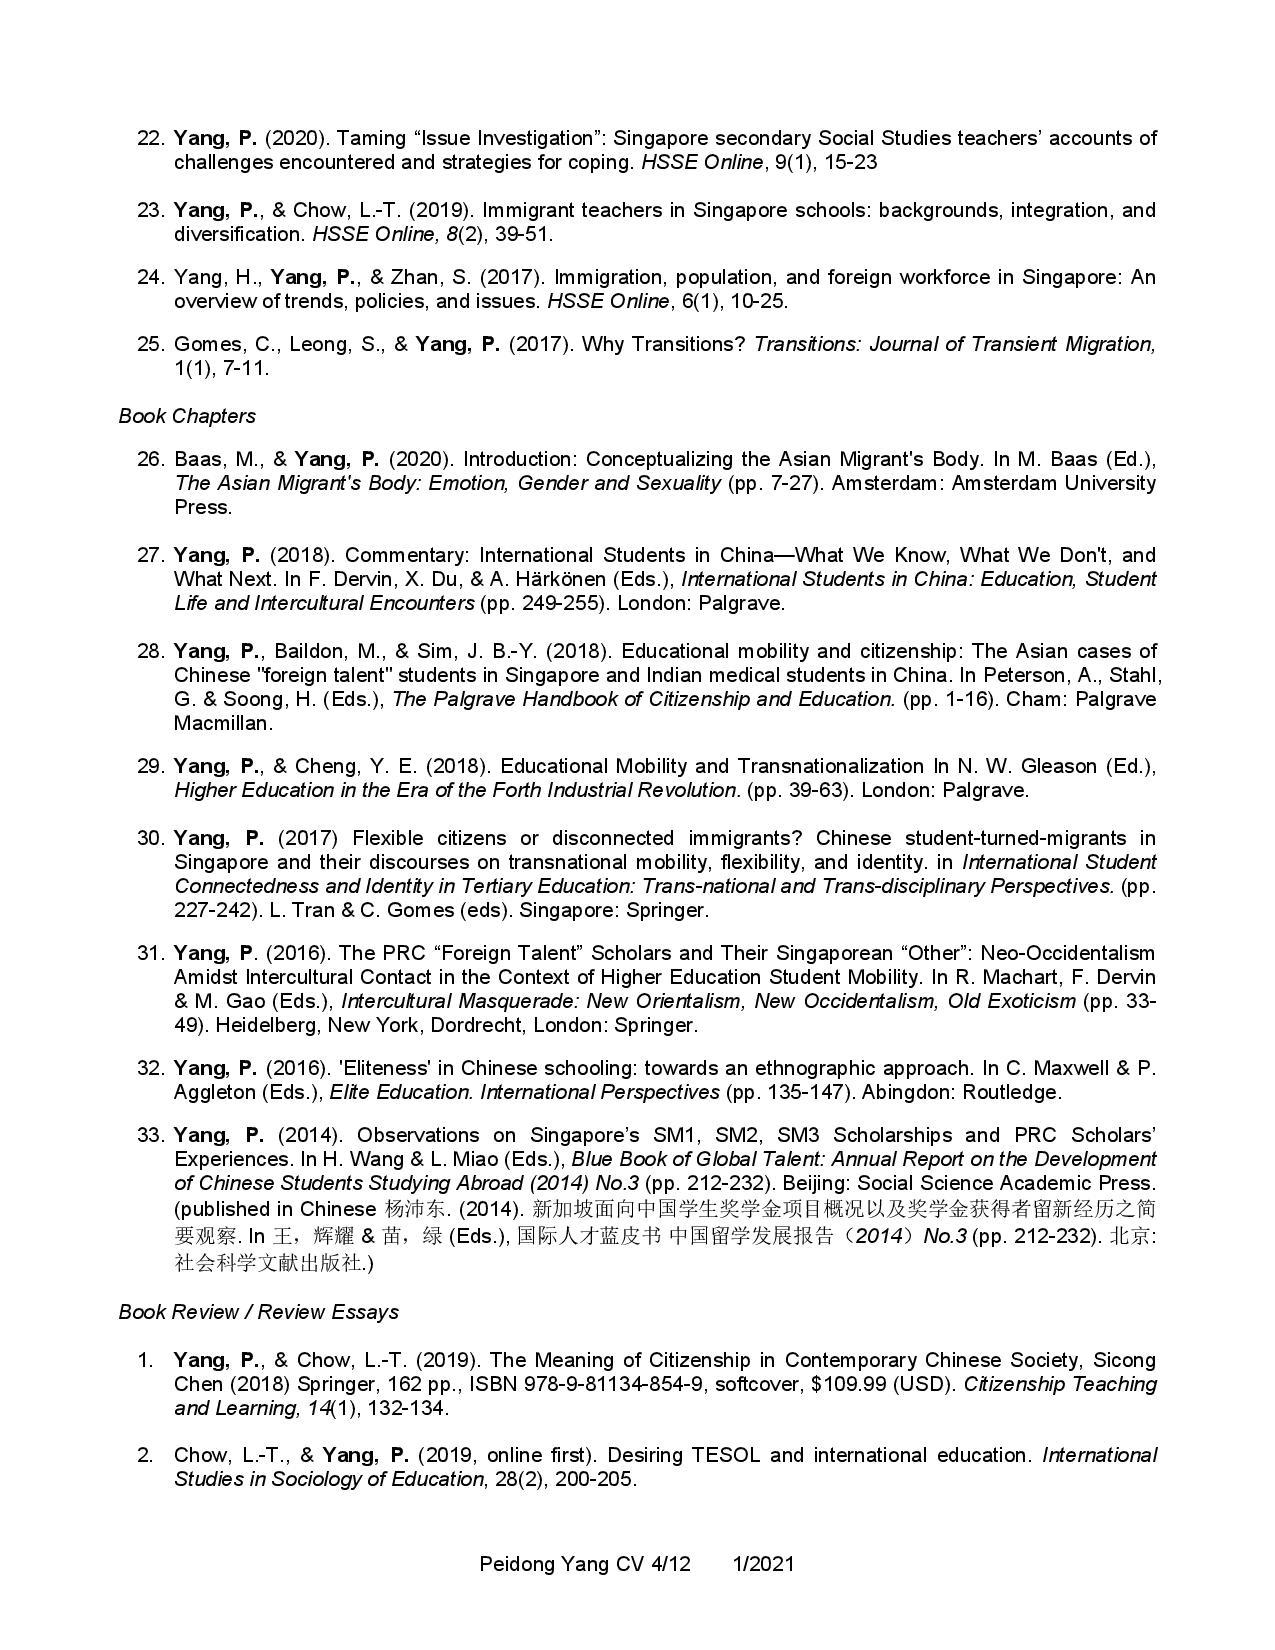 CV YANG Peidong_1.2021-page-004